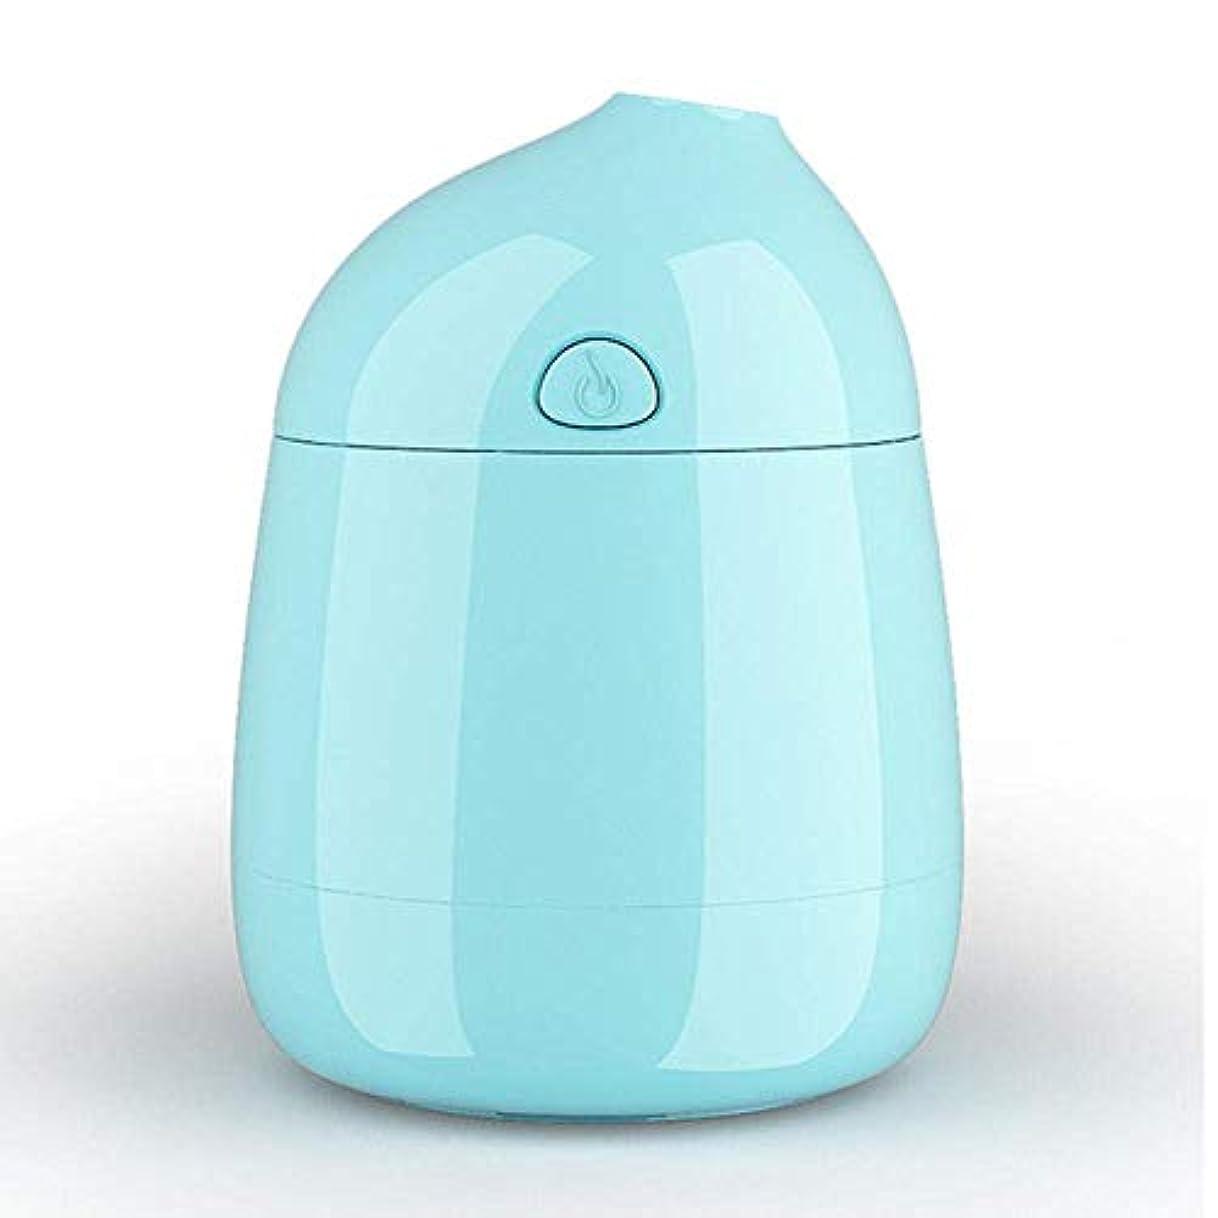 歯科医電信ラフ睡眠SOTCE アロマディフューザー加湿器超音波霧化技術満足のいく解決策美しい装飾湿潤環境思慮ギフト (Color : Blue)